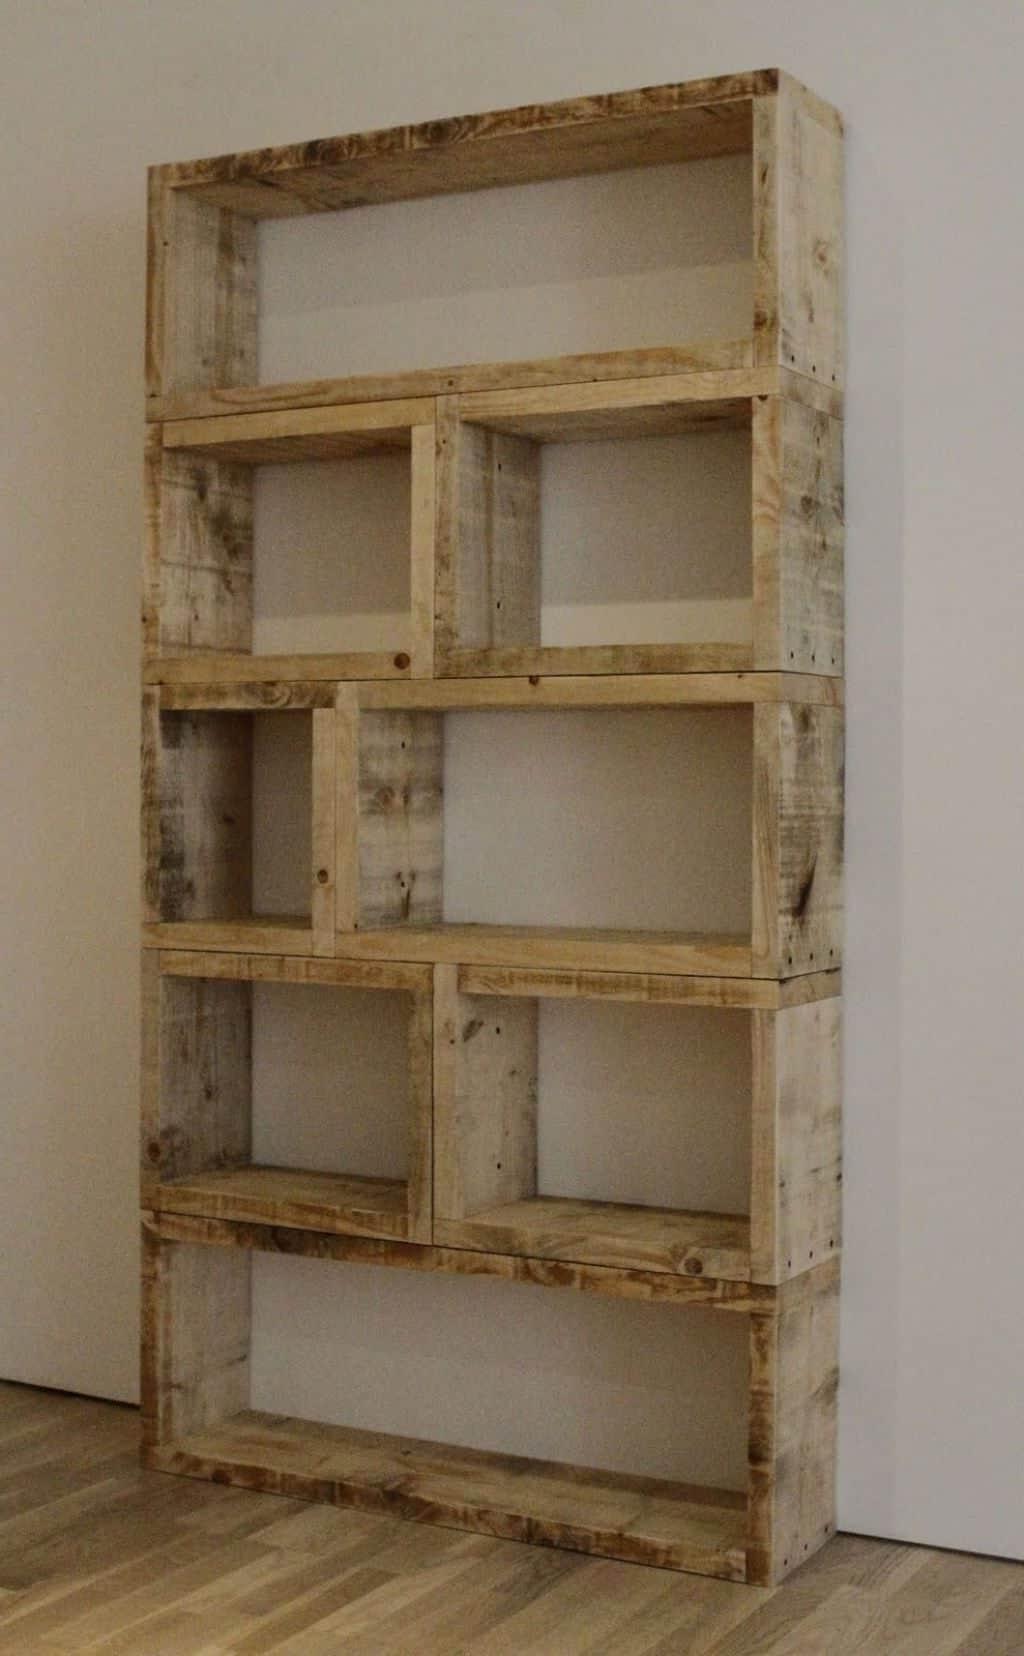 Bookshelves Handmade Inside Preferred Wooden Handmade Bookshelves – Create Your Handmade Bookshelves (View 2 of 15)